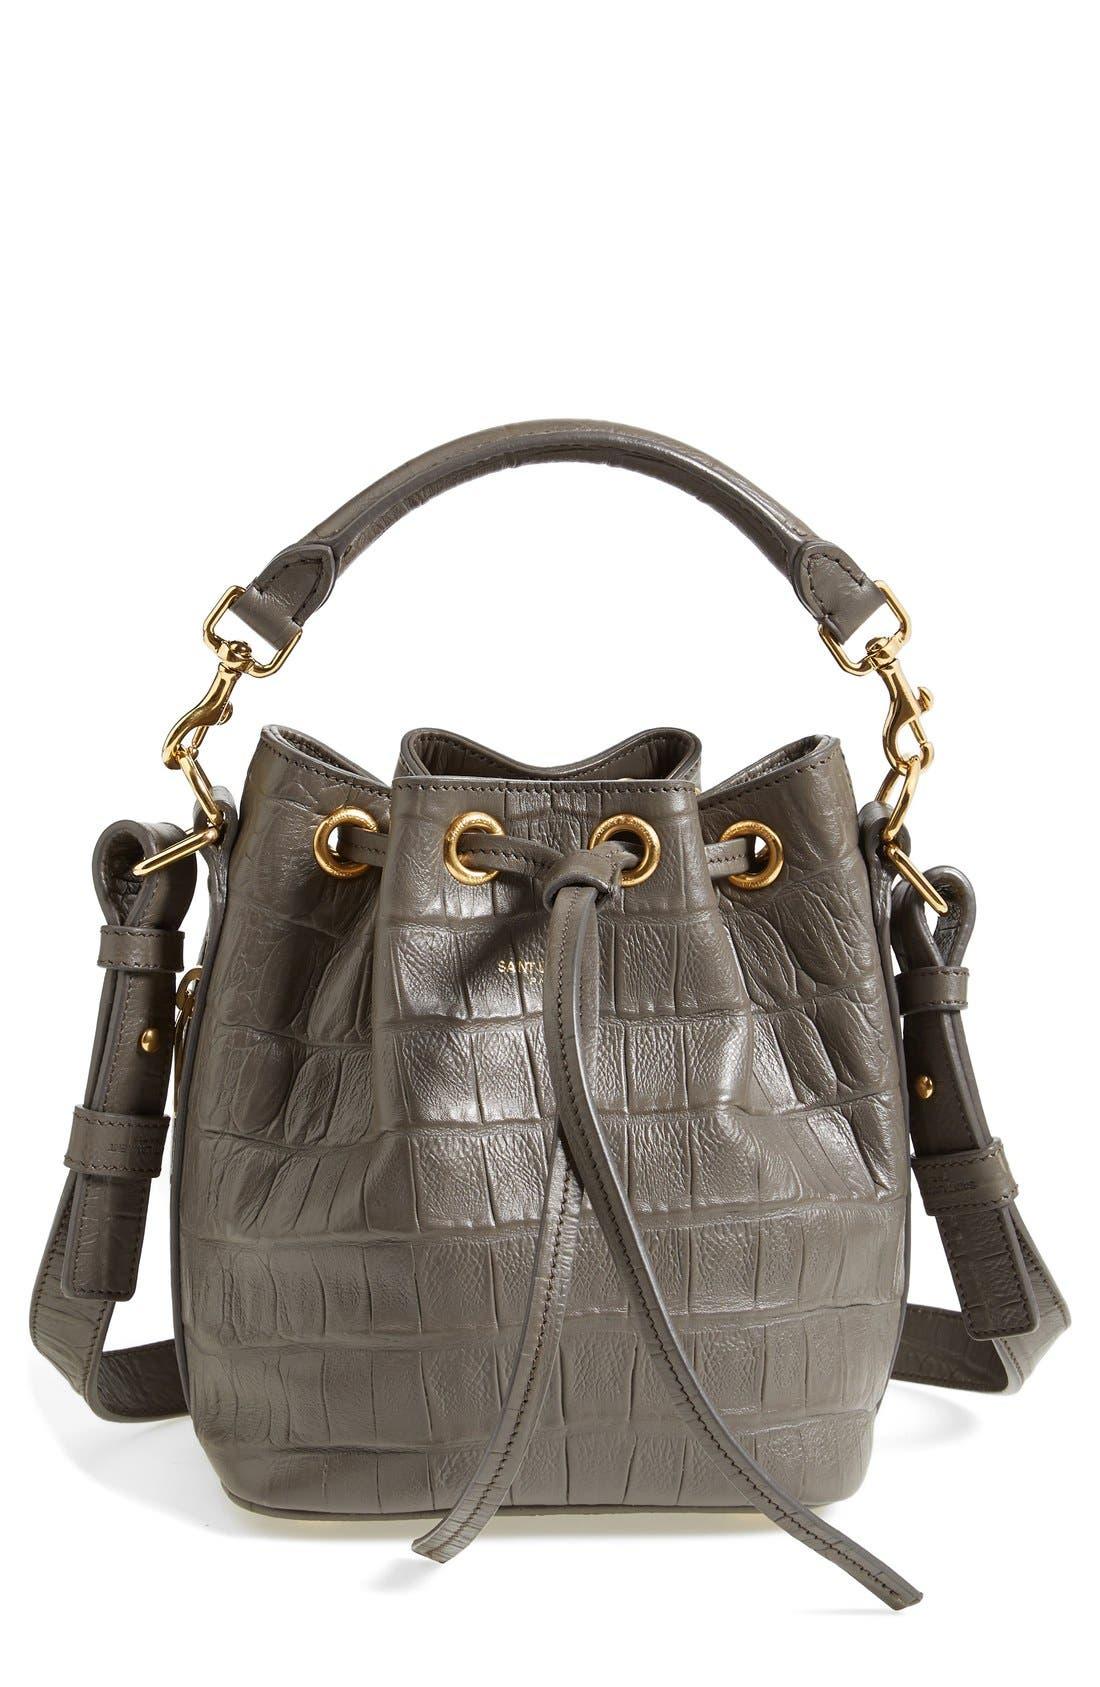 Alternate Image 1 Selected - Saint Laurent 'Small Seau' Croc Embossed Leather Bucket Bag